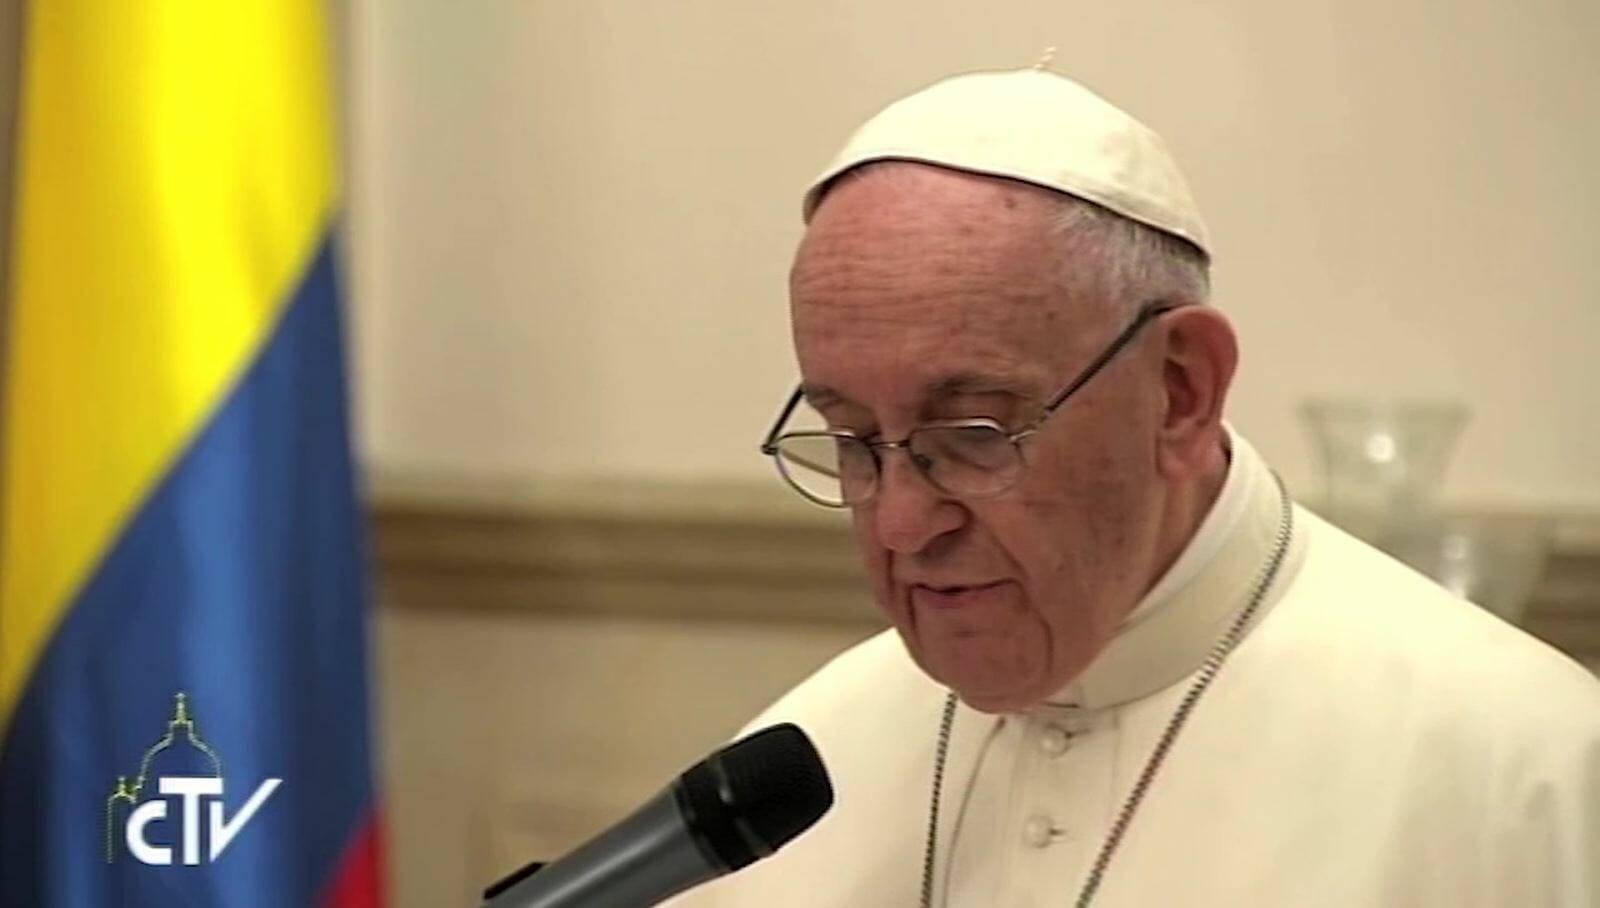 Thông điệp Đức Giáo Hoàng gửi đến các chính trị gia và các giám mục châu Mỹ Latinh